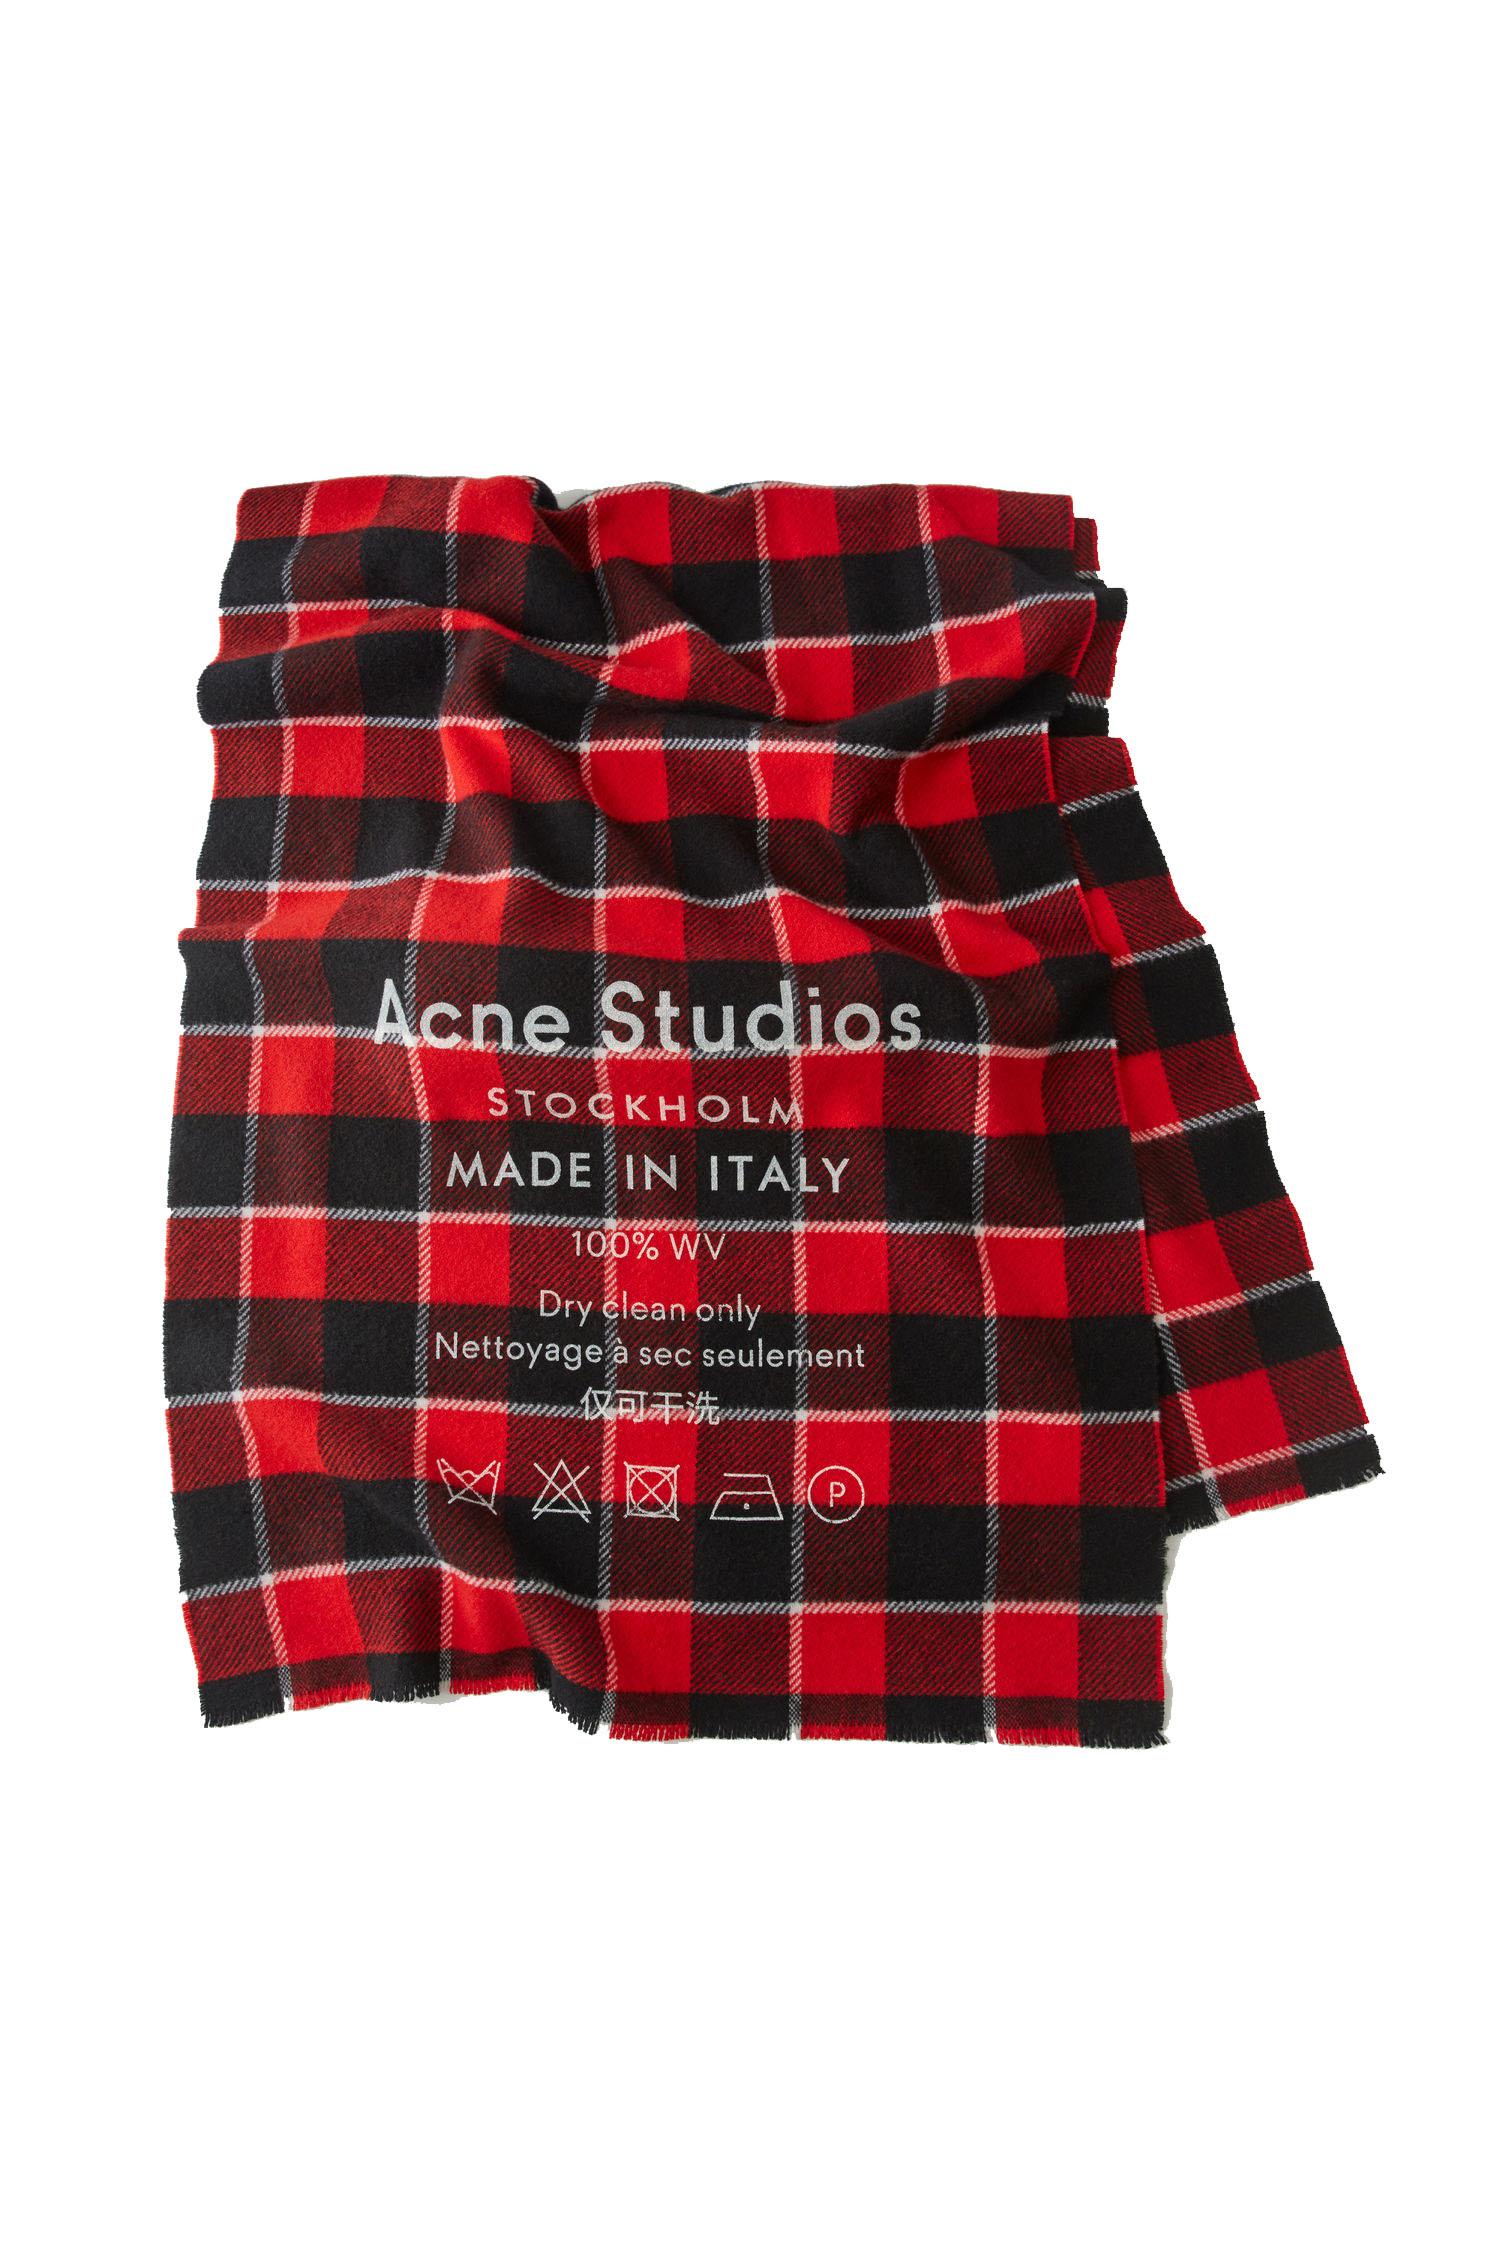 Image of   ACNE STUDIOS Acne Studios Tørklæde Cassiar Check Red/black